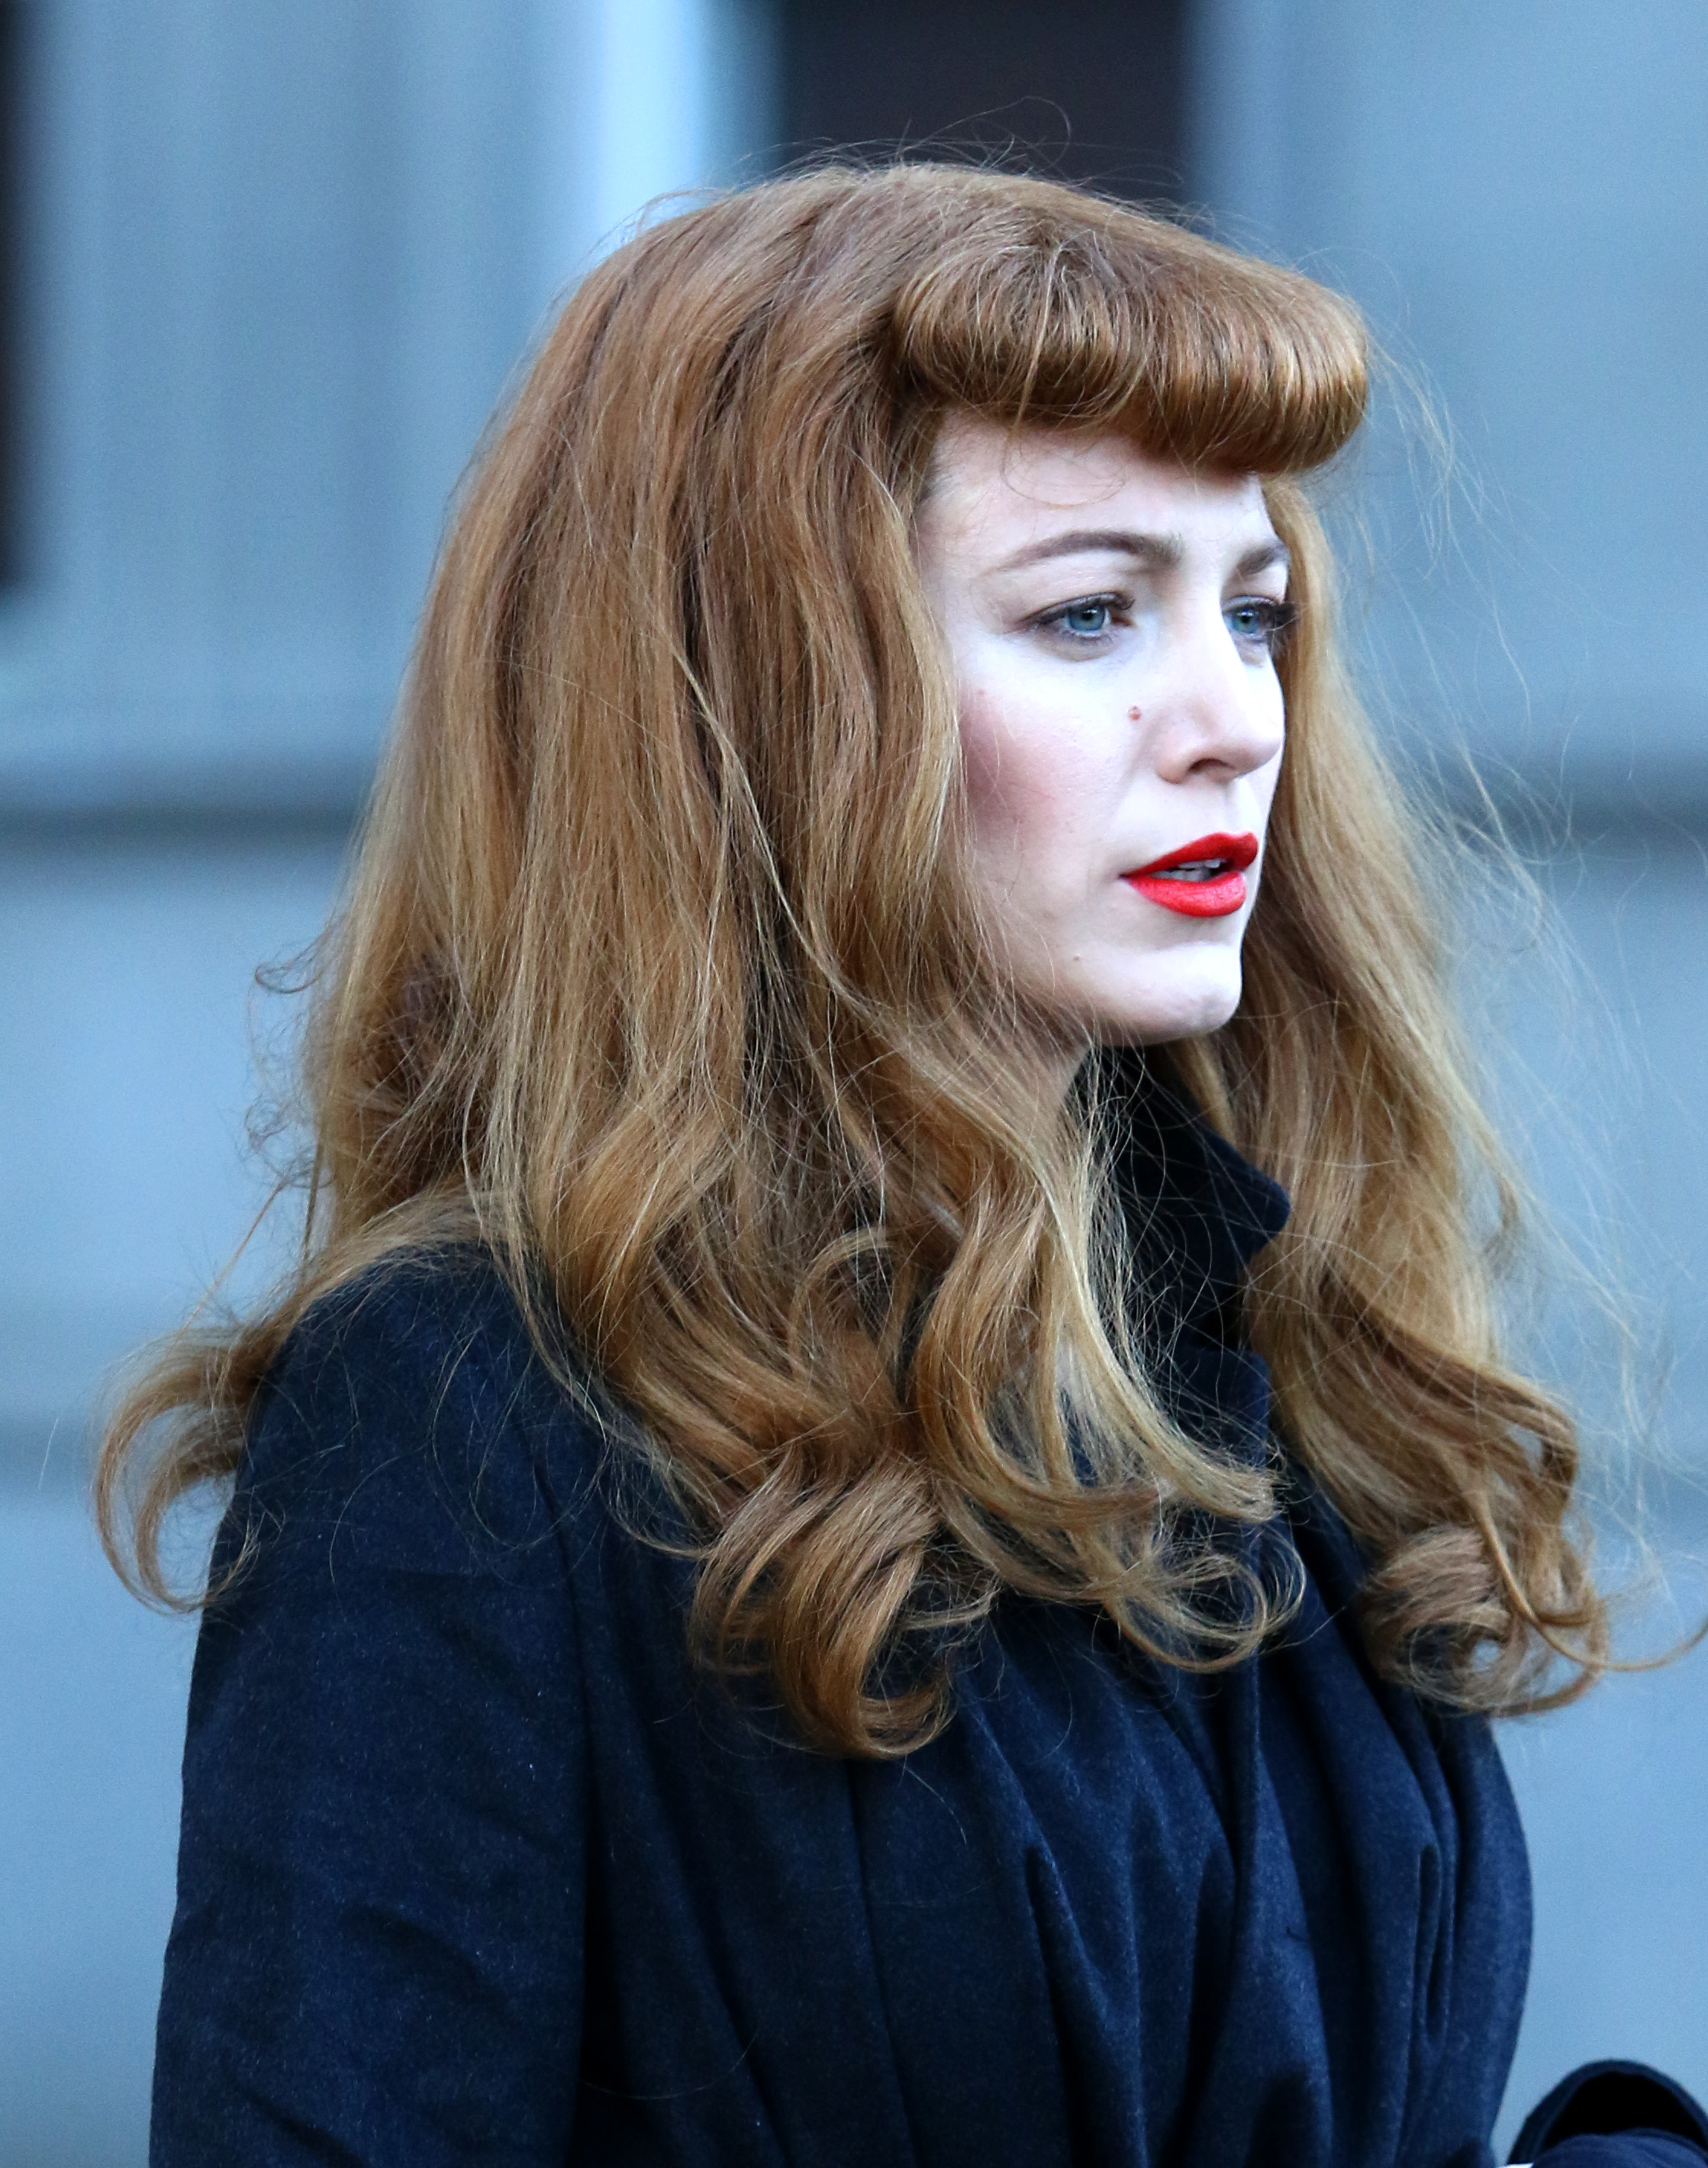 Η Blake Lively με δύο διαφορετικά μαλλιά την ίδια μέρα! | tlife.gr